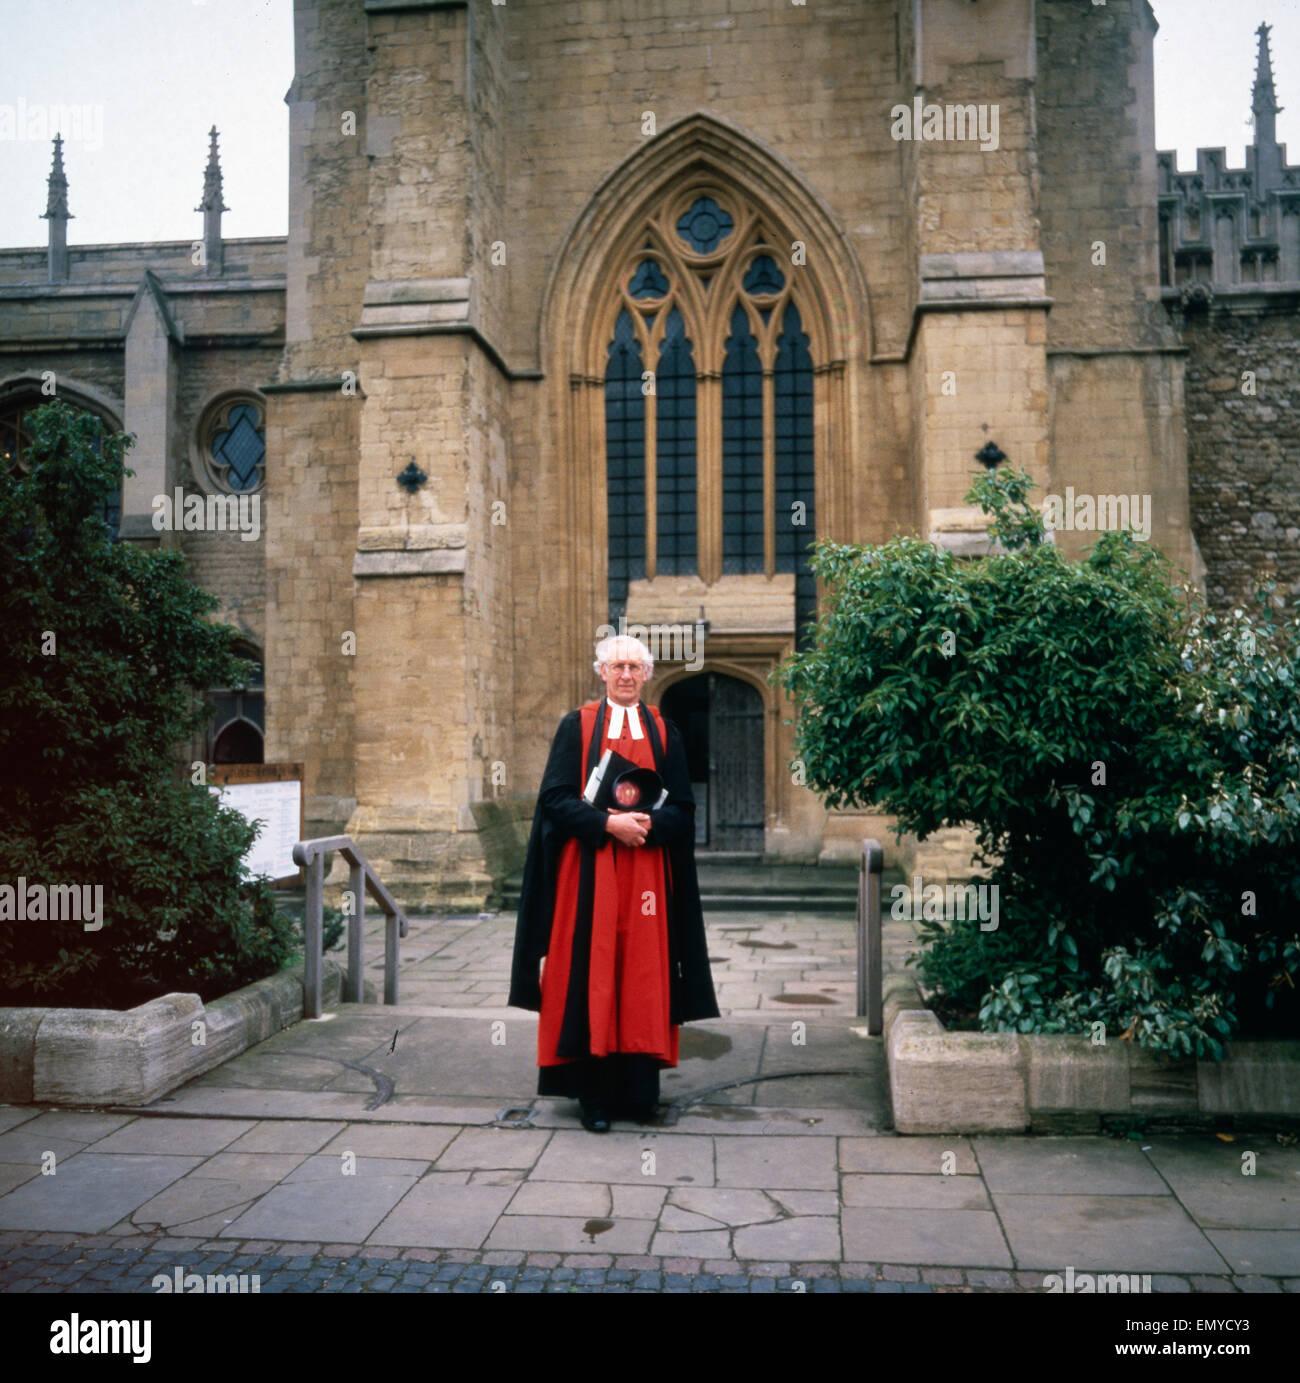 Eine Reise nach Oxford, England 1980er Jahre. A trip to Oxford, England 1980s. Stock Photo